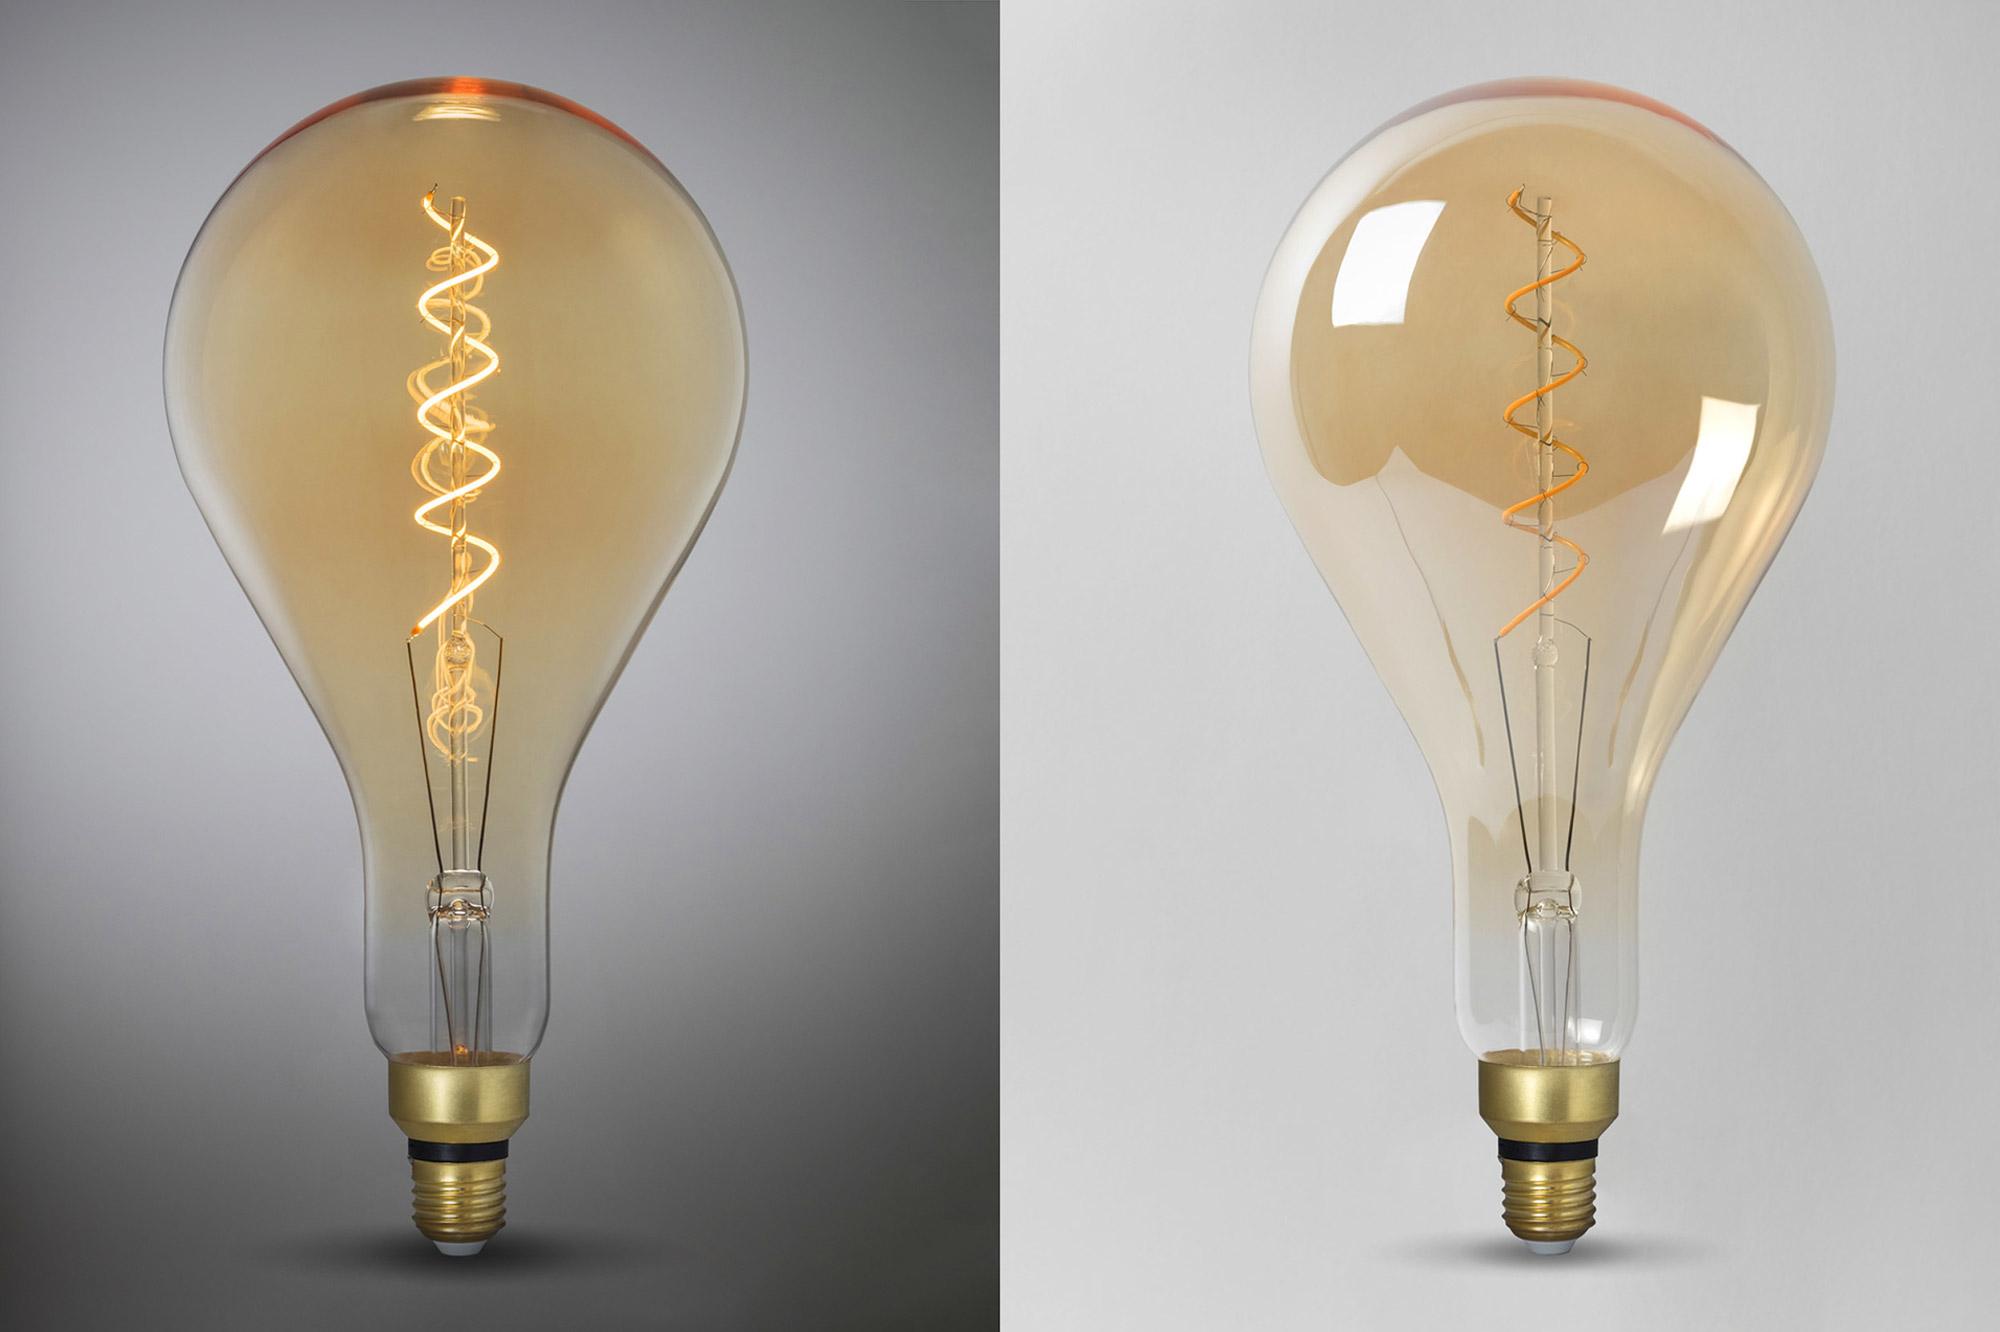 SoHo Lighting Company